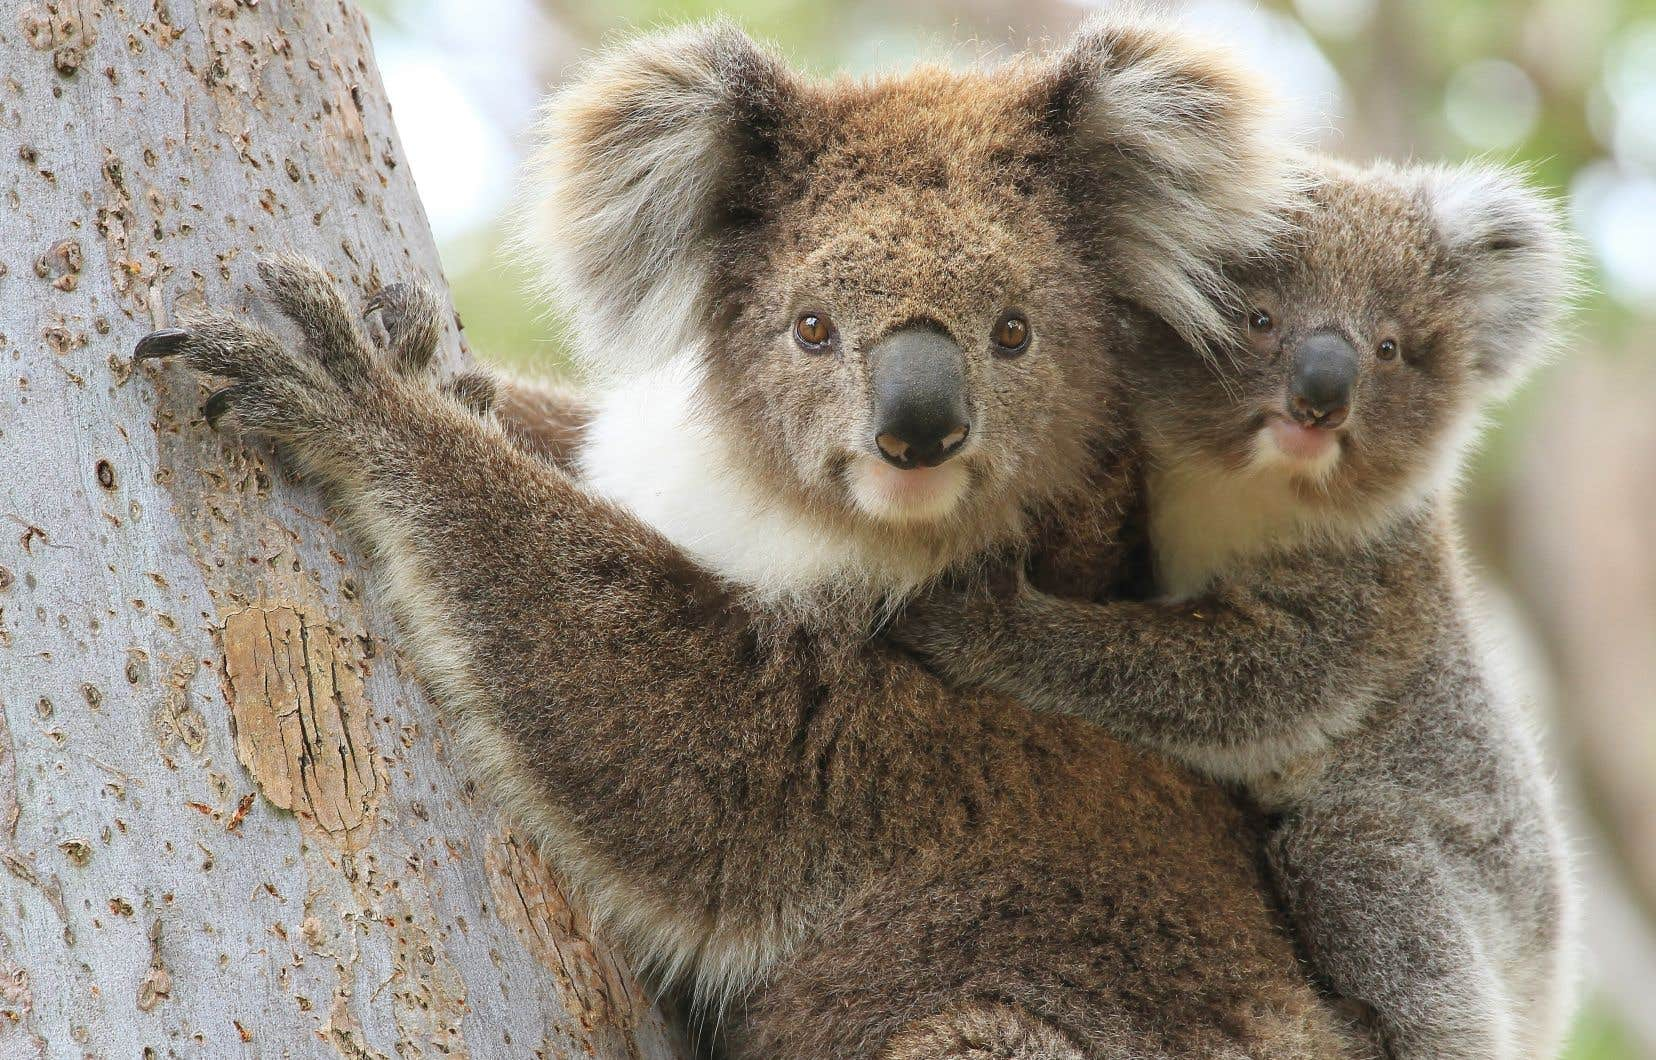 La présidente de l'Australian Koala Foundation (AKF), Deborah Tabart, avance que plus de 1000 koalas auraient péri dans les feux de brousse depuis deux mois.